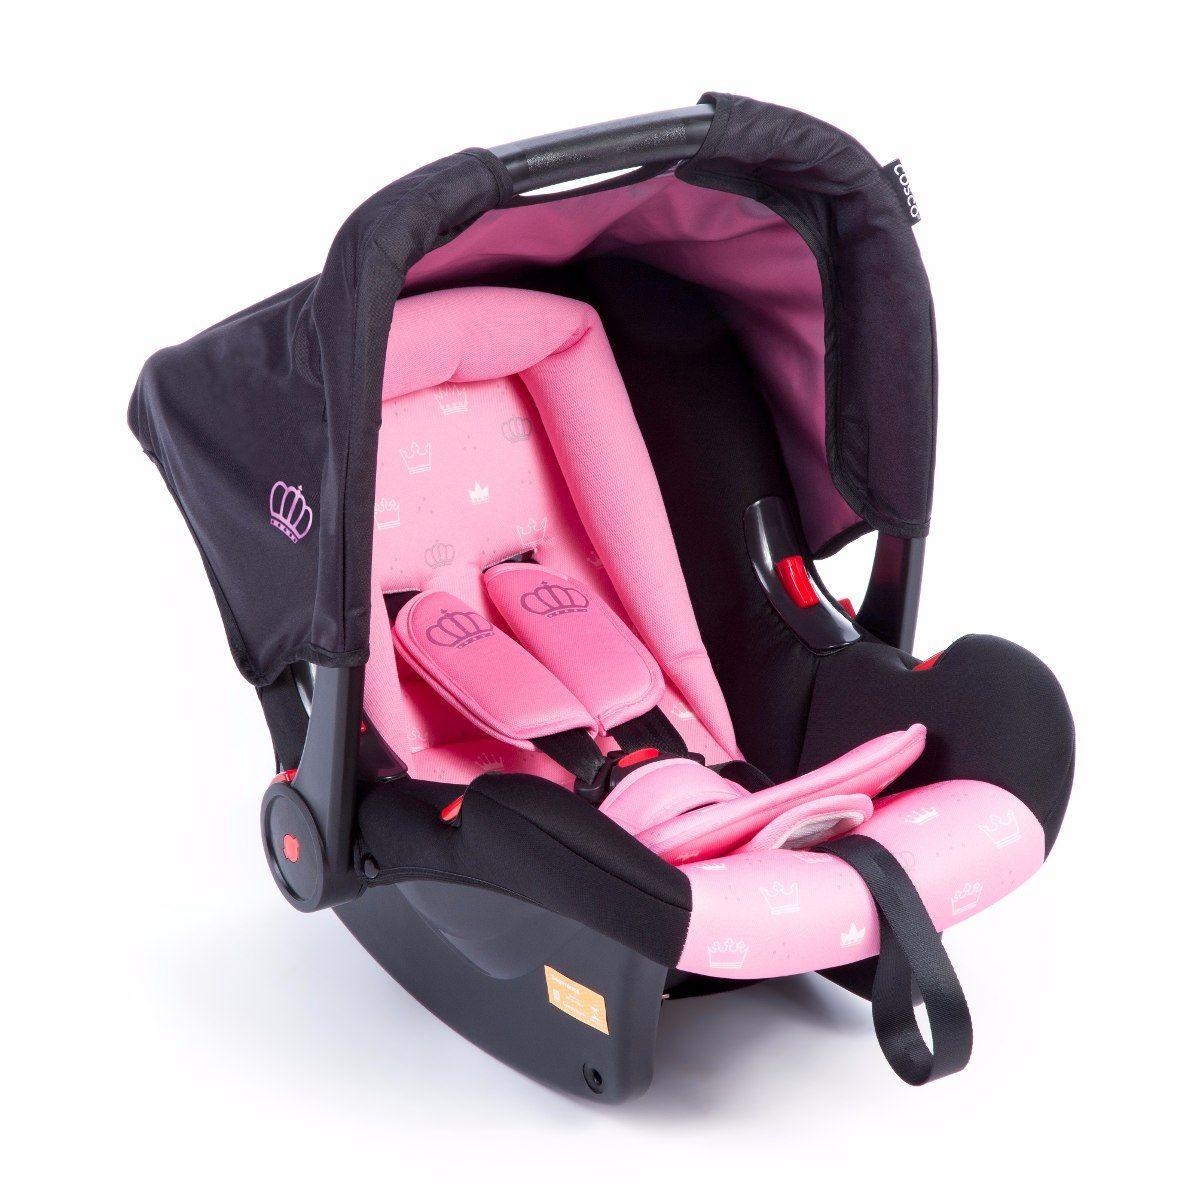 Carrinho Berço Travel System Cosco Nexus Ts + bebe Conforto Rosa  - Doce Diversão